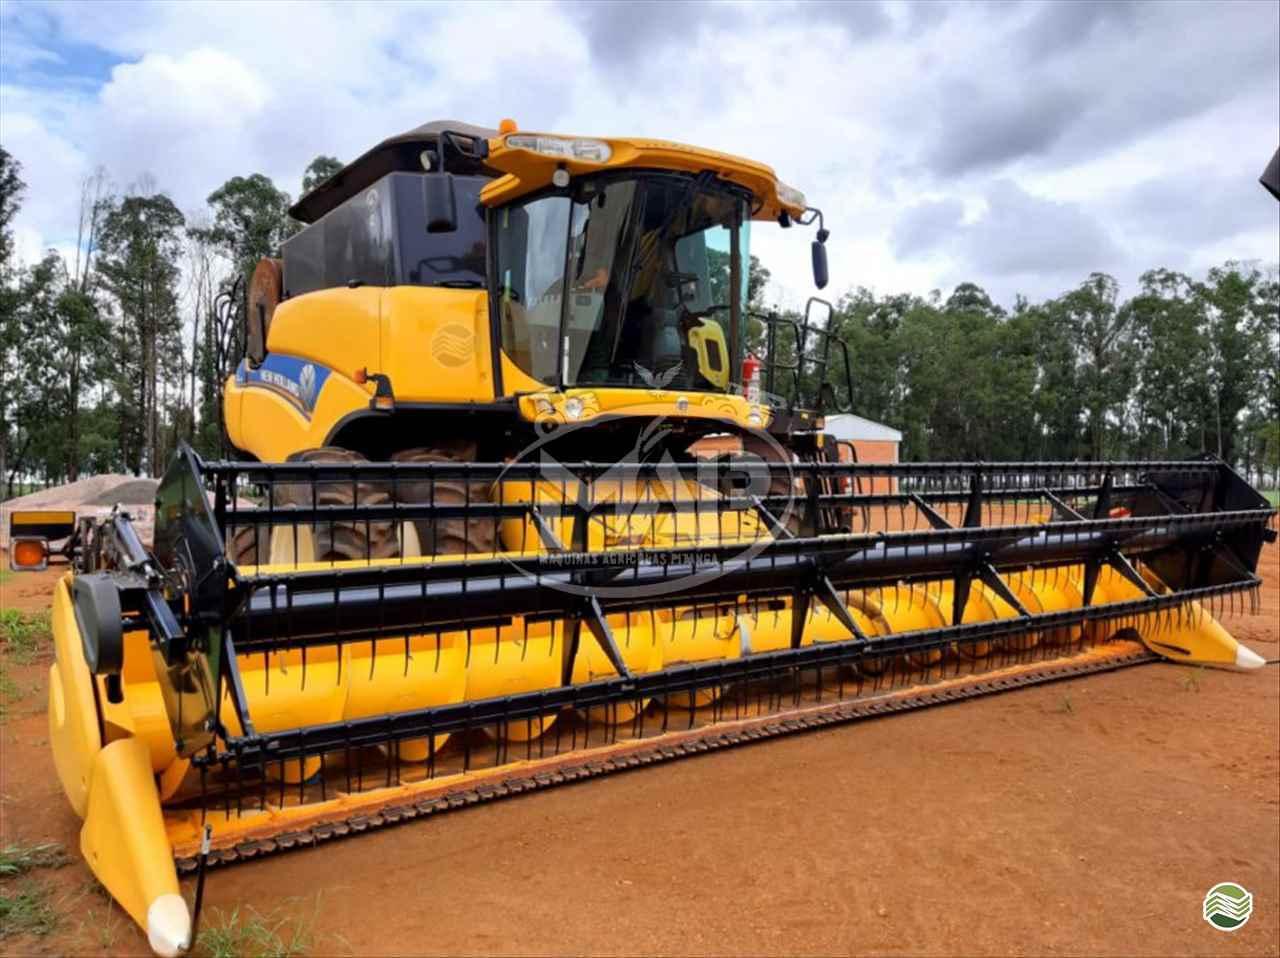 CR 6080 de Máquinas Agrícolas Pitanga - PITANGA/PR